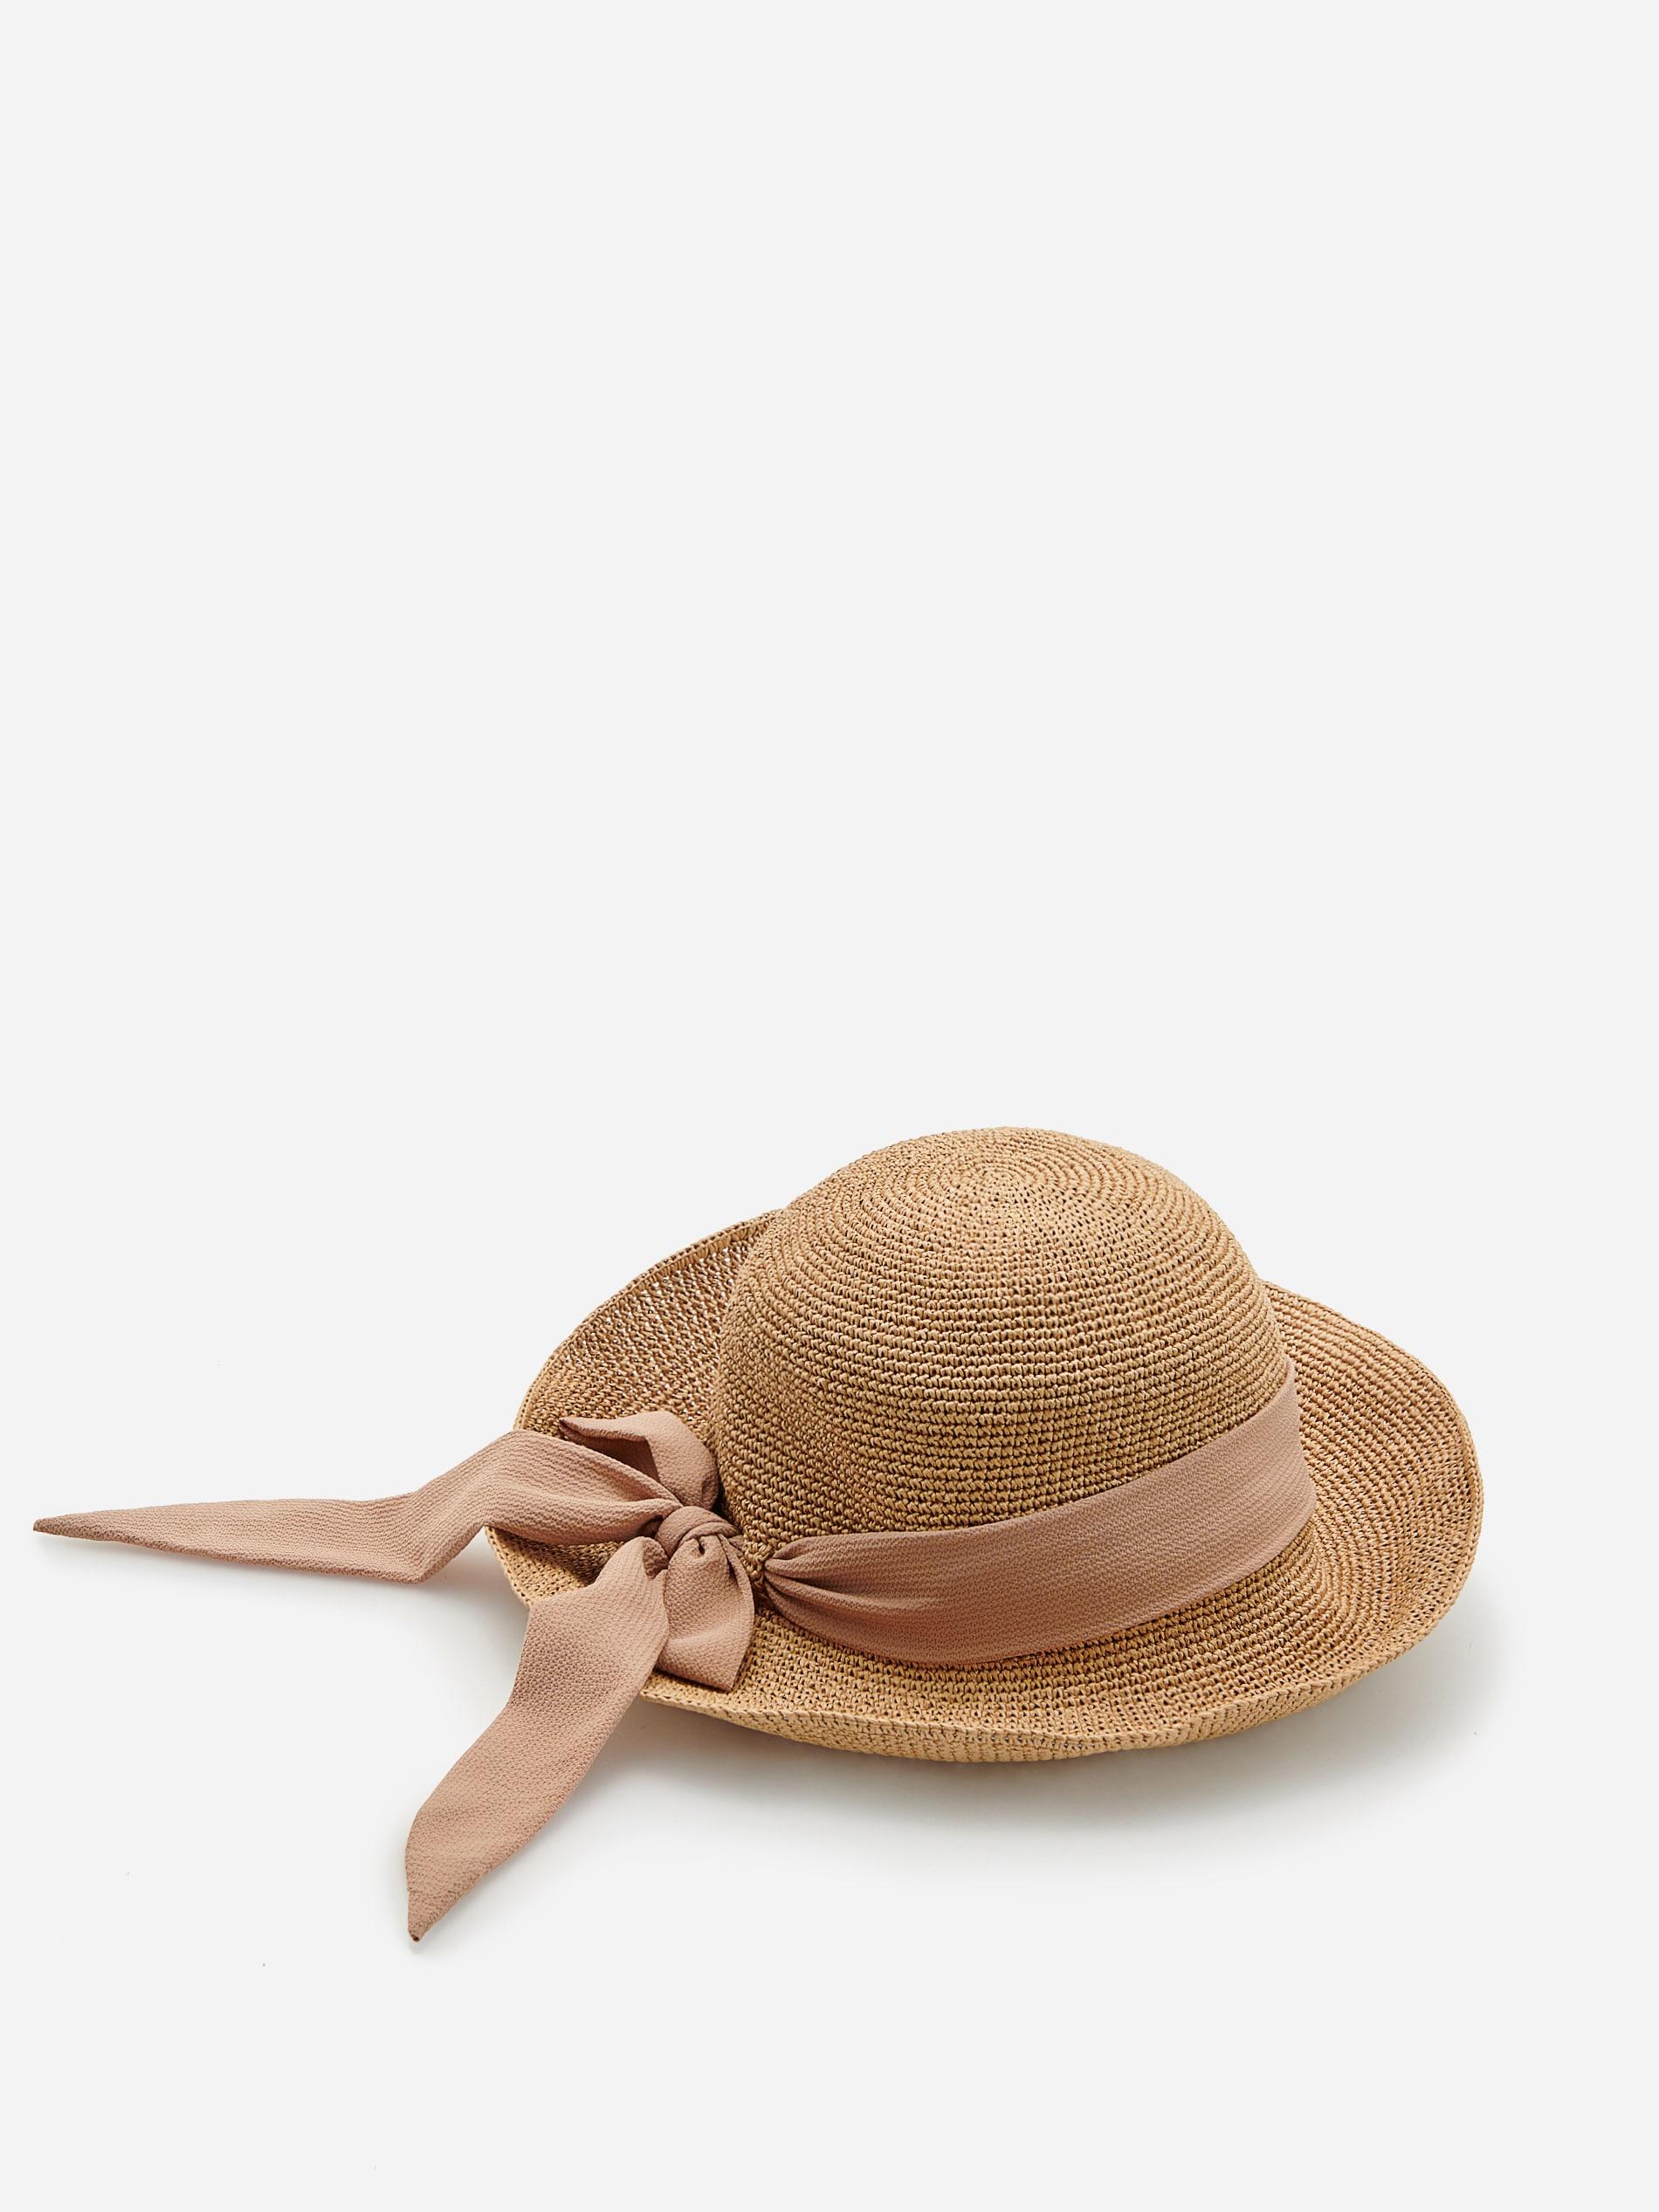 šešir za plažu